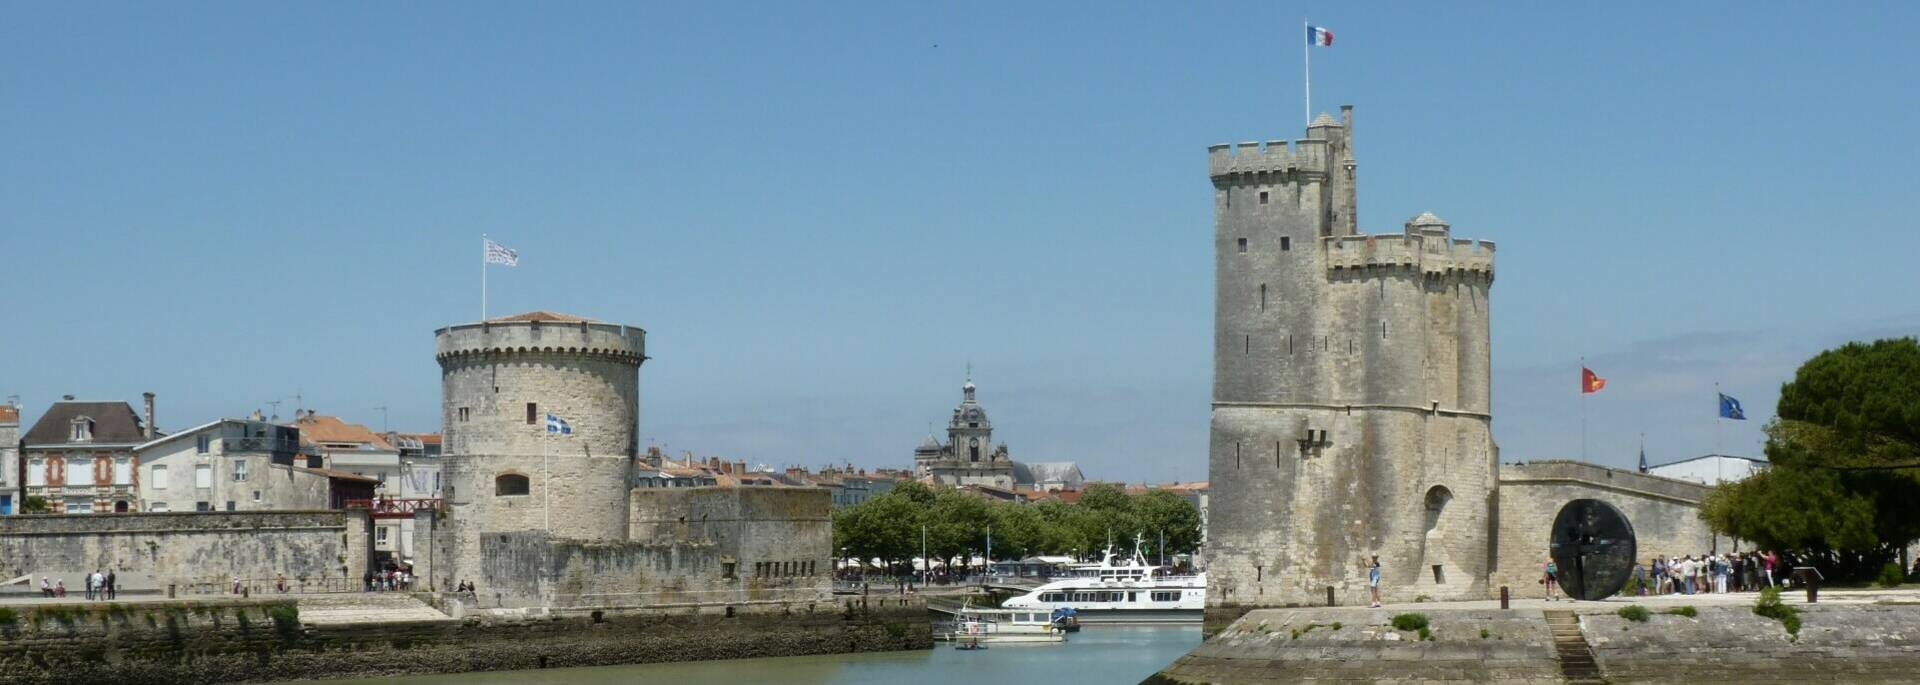 Le vieux port de La Rochelle © FDHPA 17